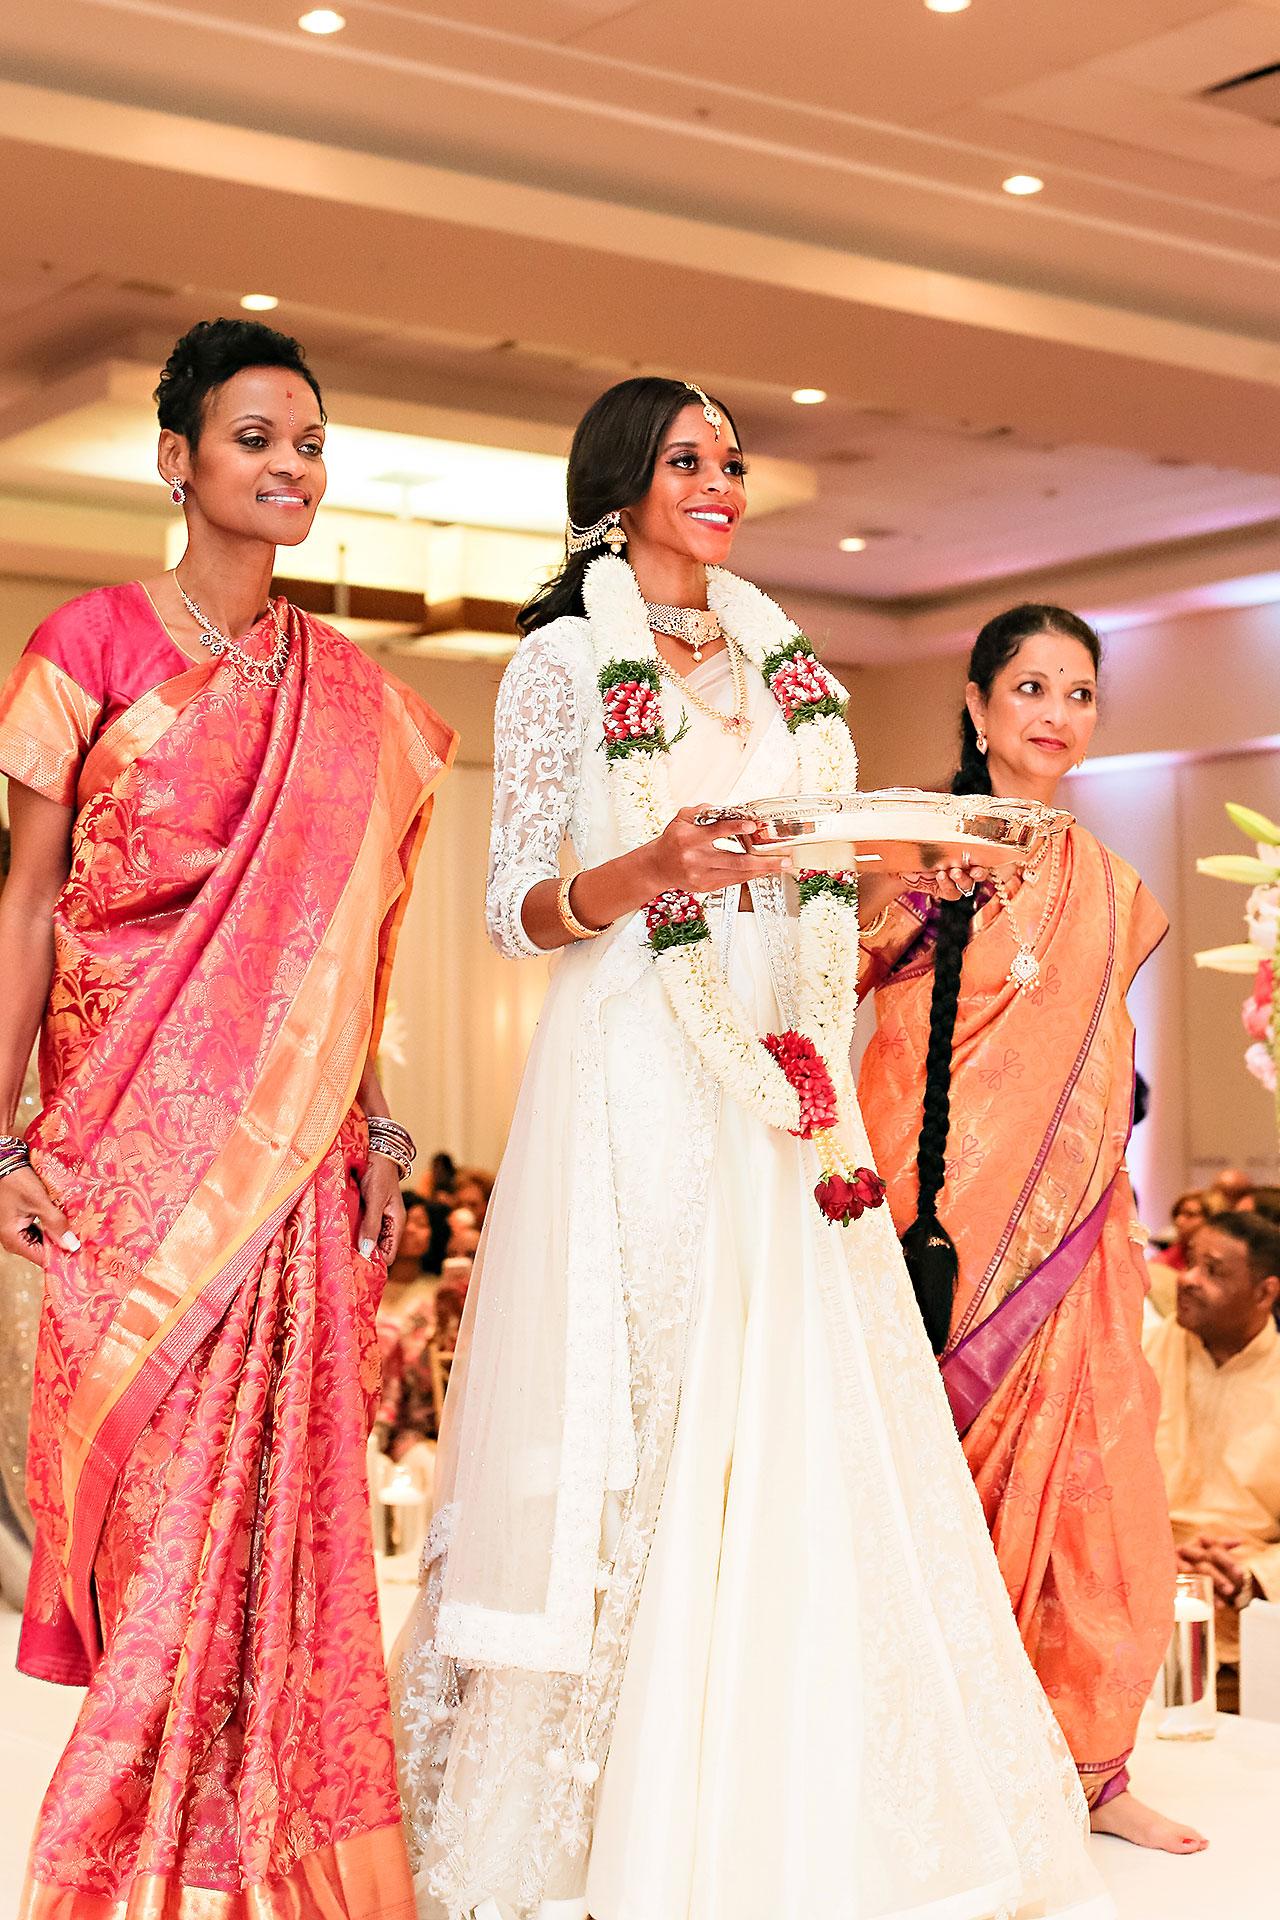 Joie Nikhil JW Marriott Indian Wedding 273